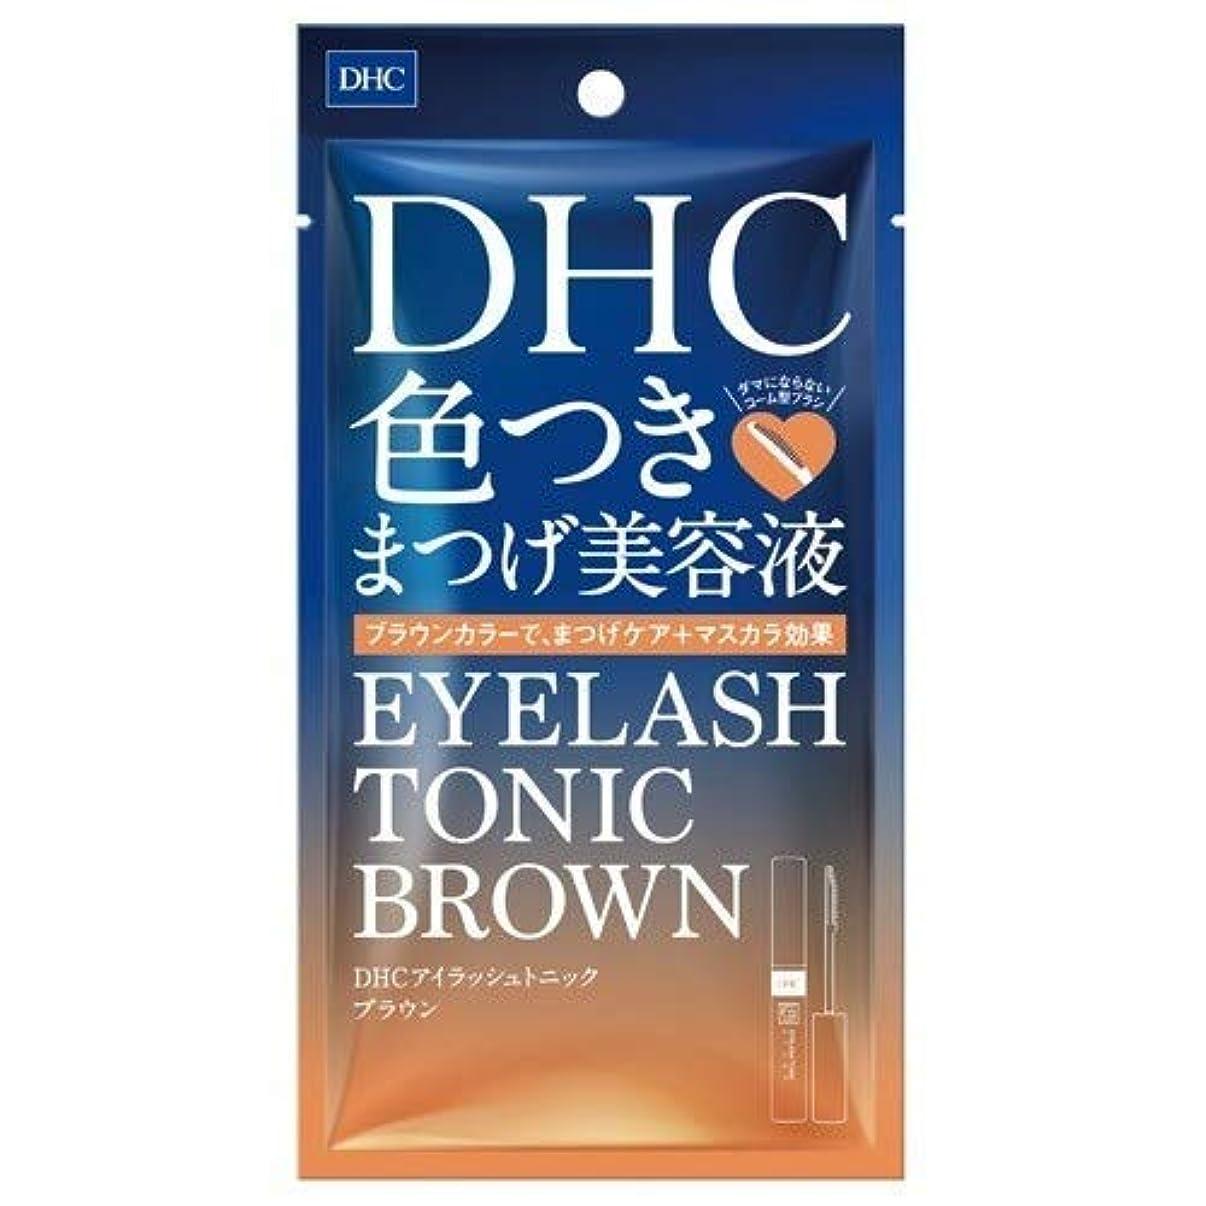 印象エジプトフェデレーションDHC アイラッシュトニック ブラウン 6g × 48個セット